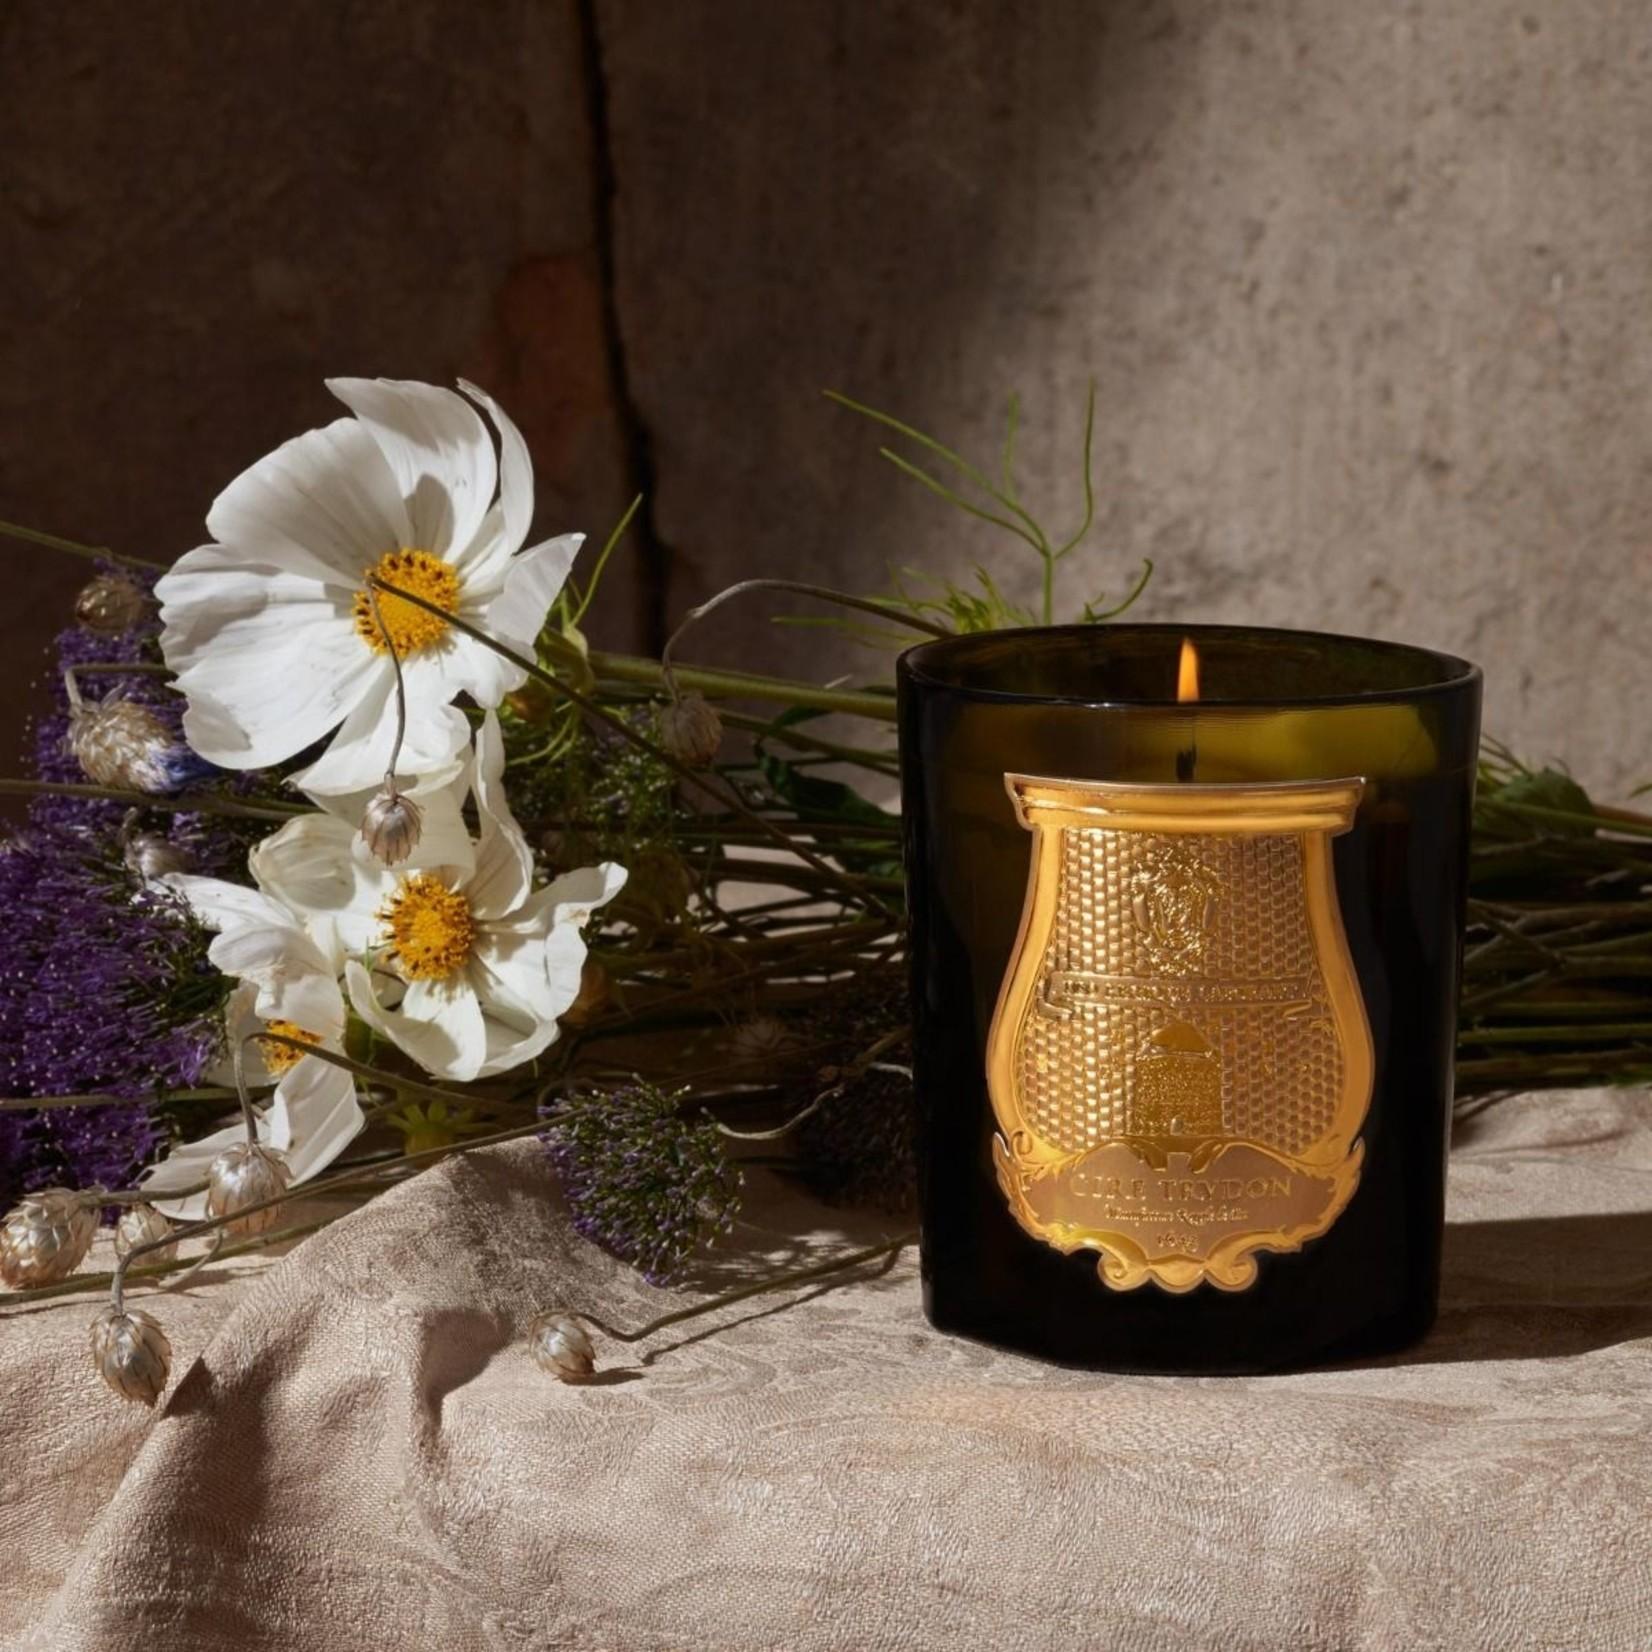 Trudon Spiritus Sancti Candle —Classic